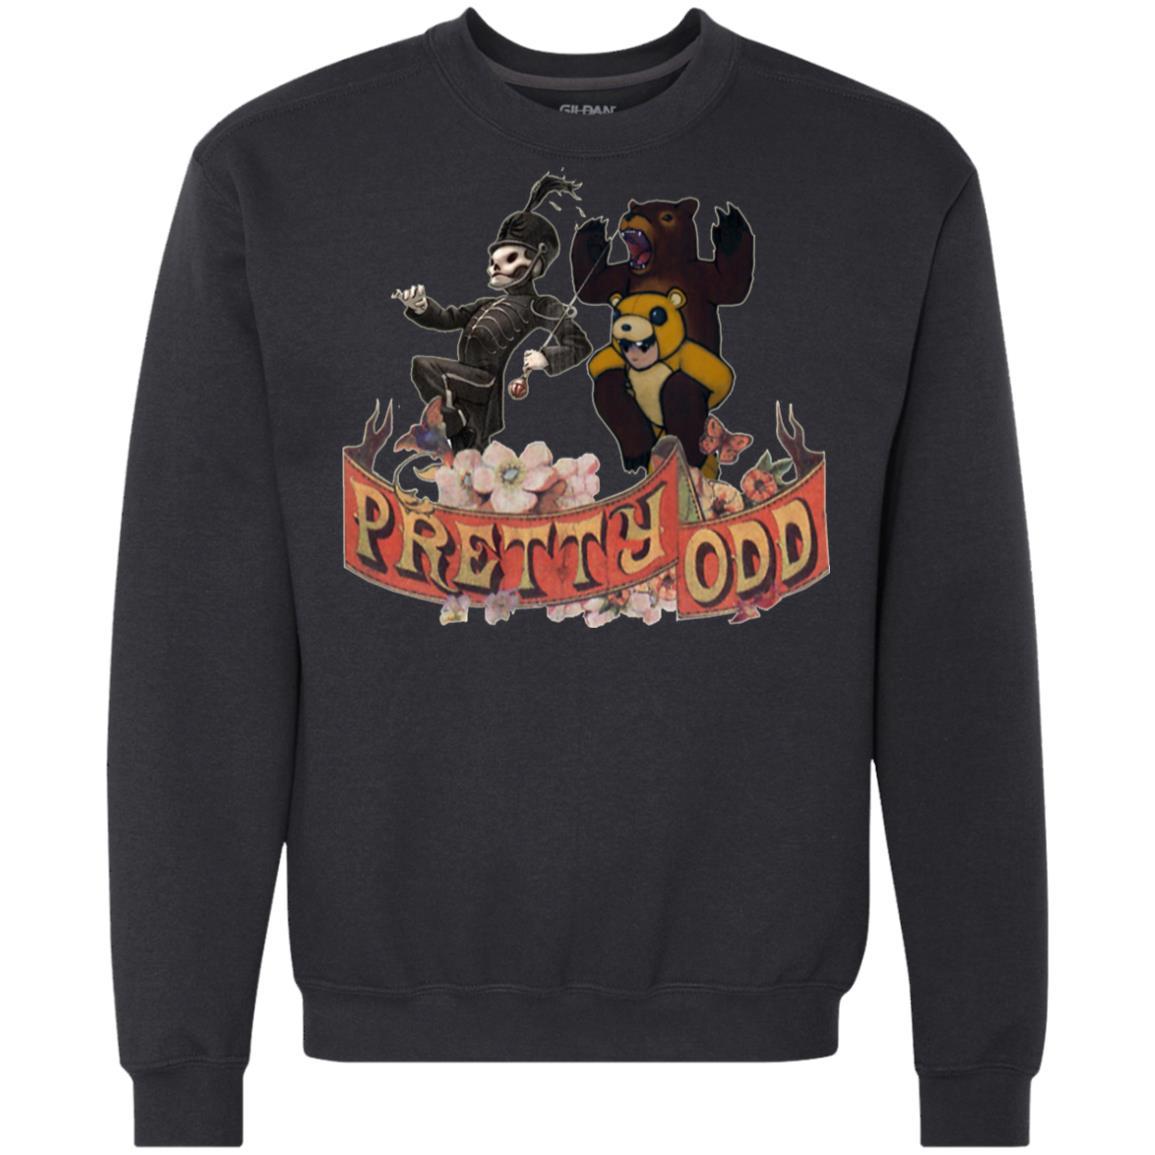 232d2a3fb Emo Trinity Pretty Odd Hoodies Sweatshirts – TeeTrio